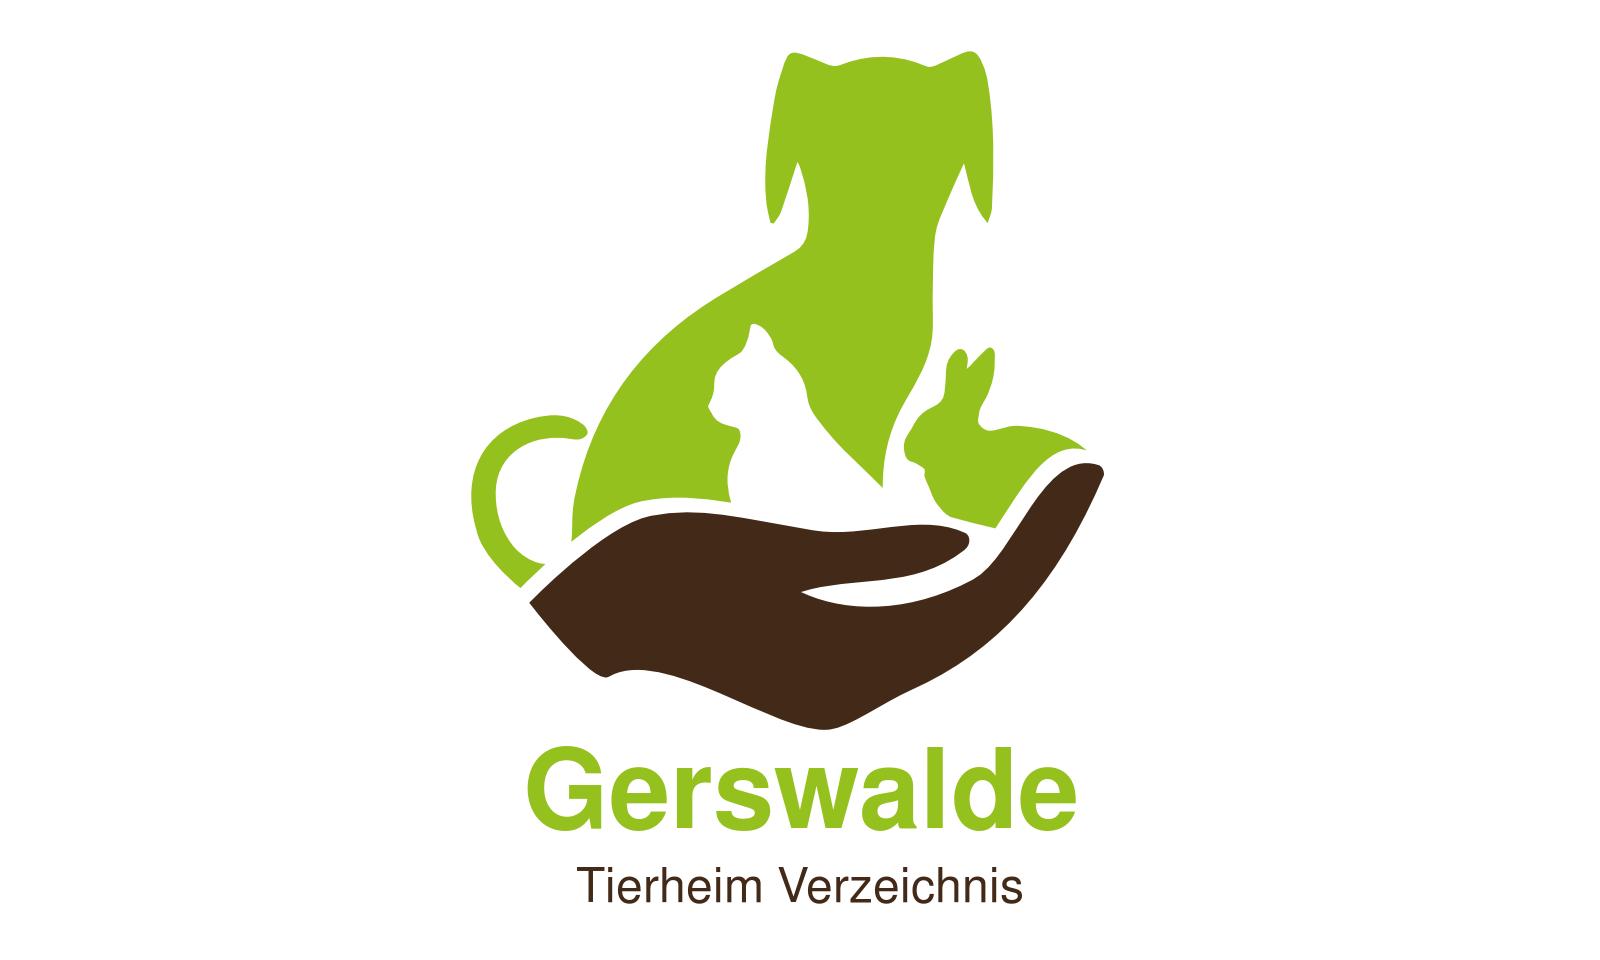 Tierheim Gerswalde